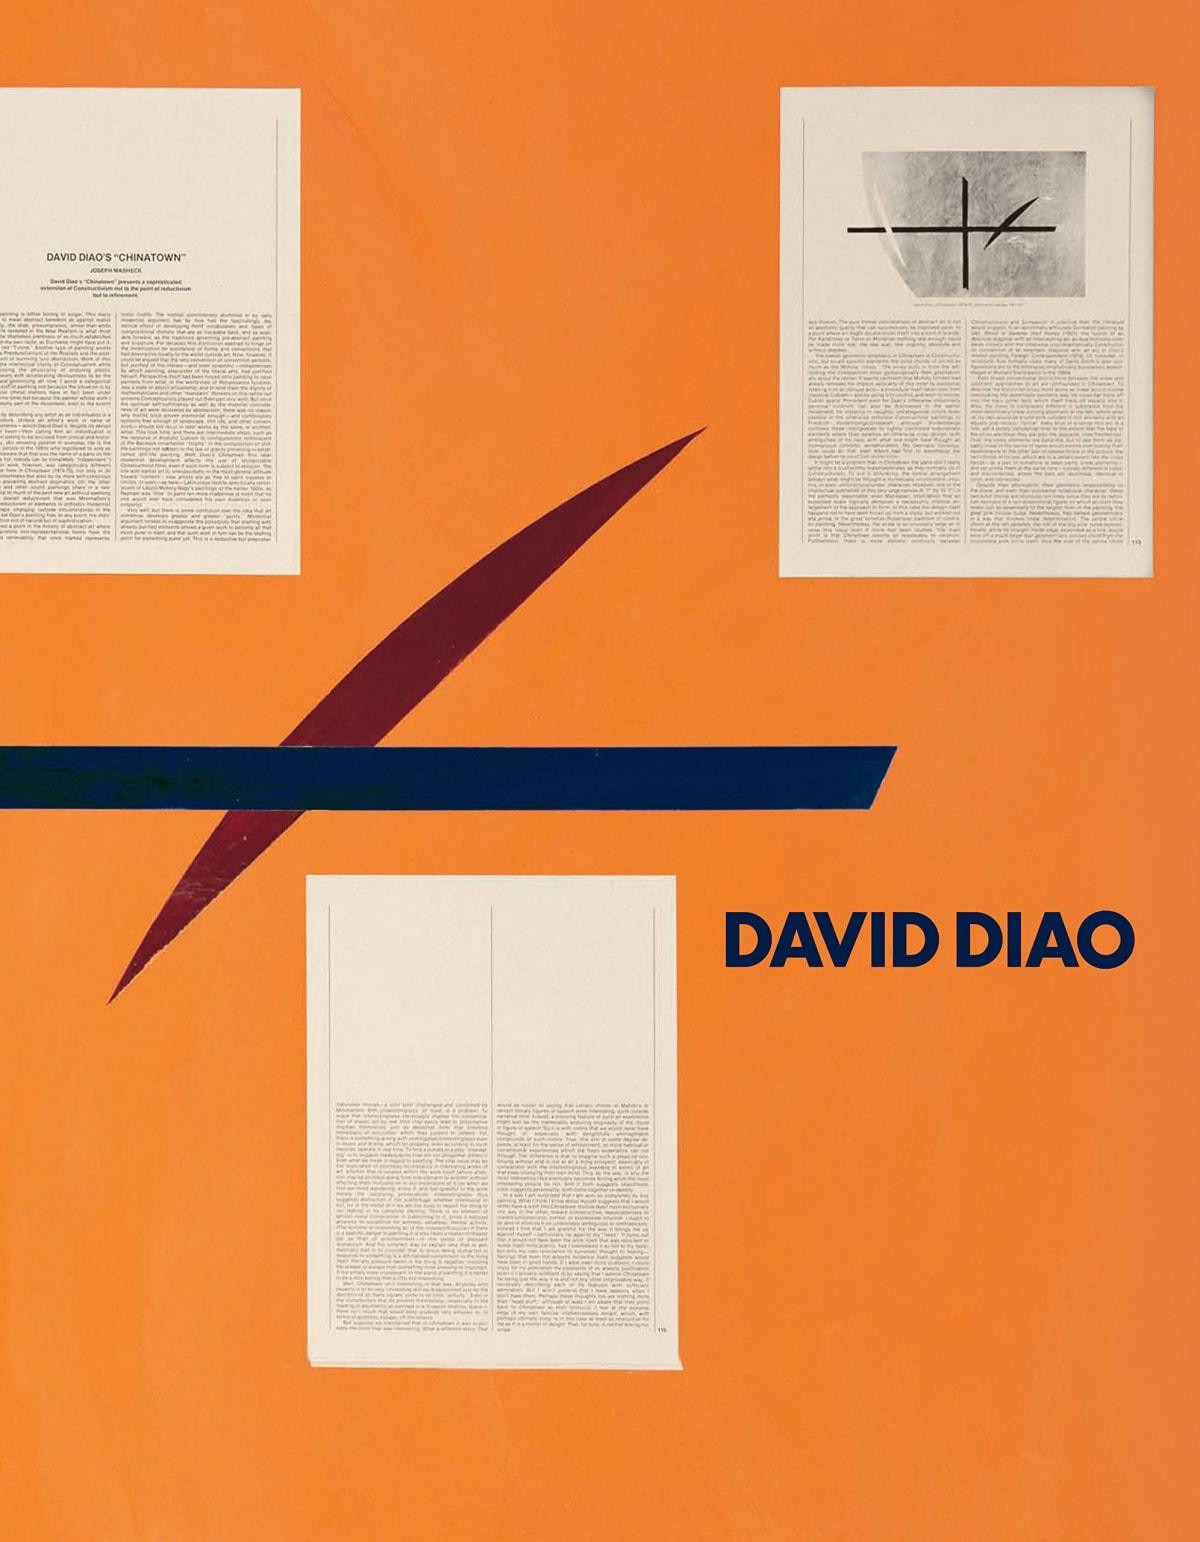 David Diao David Diao, 2018 Book 8 3/8 x 1 1/4 x 10 7/8 in 21.3 x 3.3 x 27.7 cm